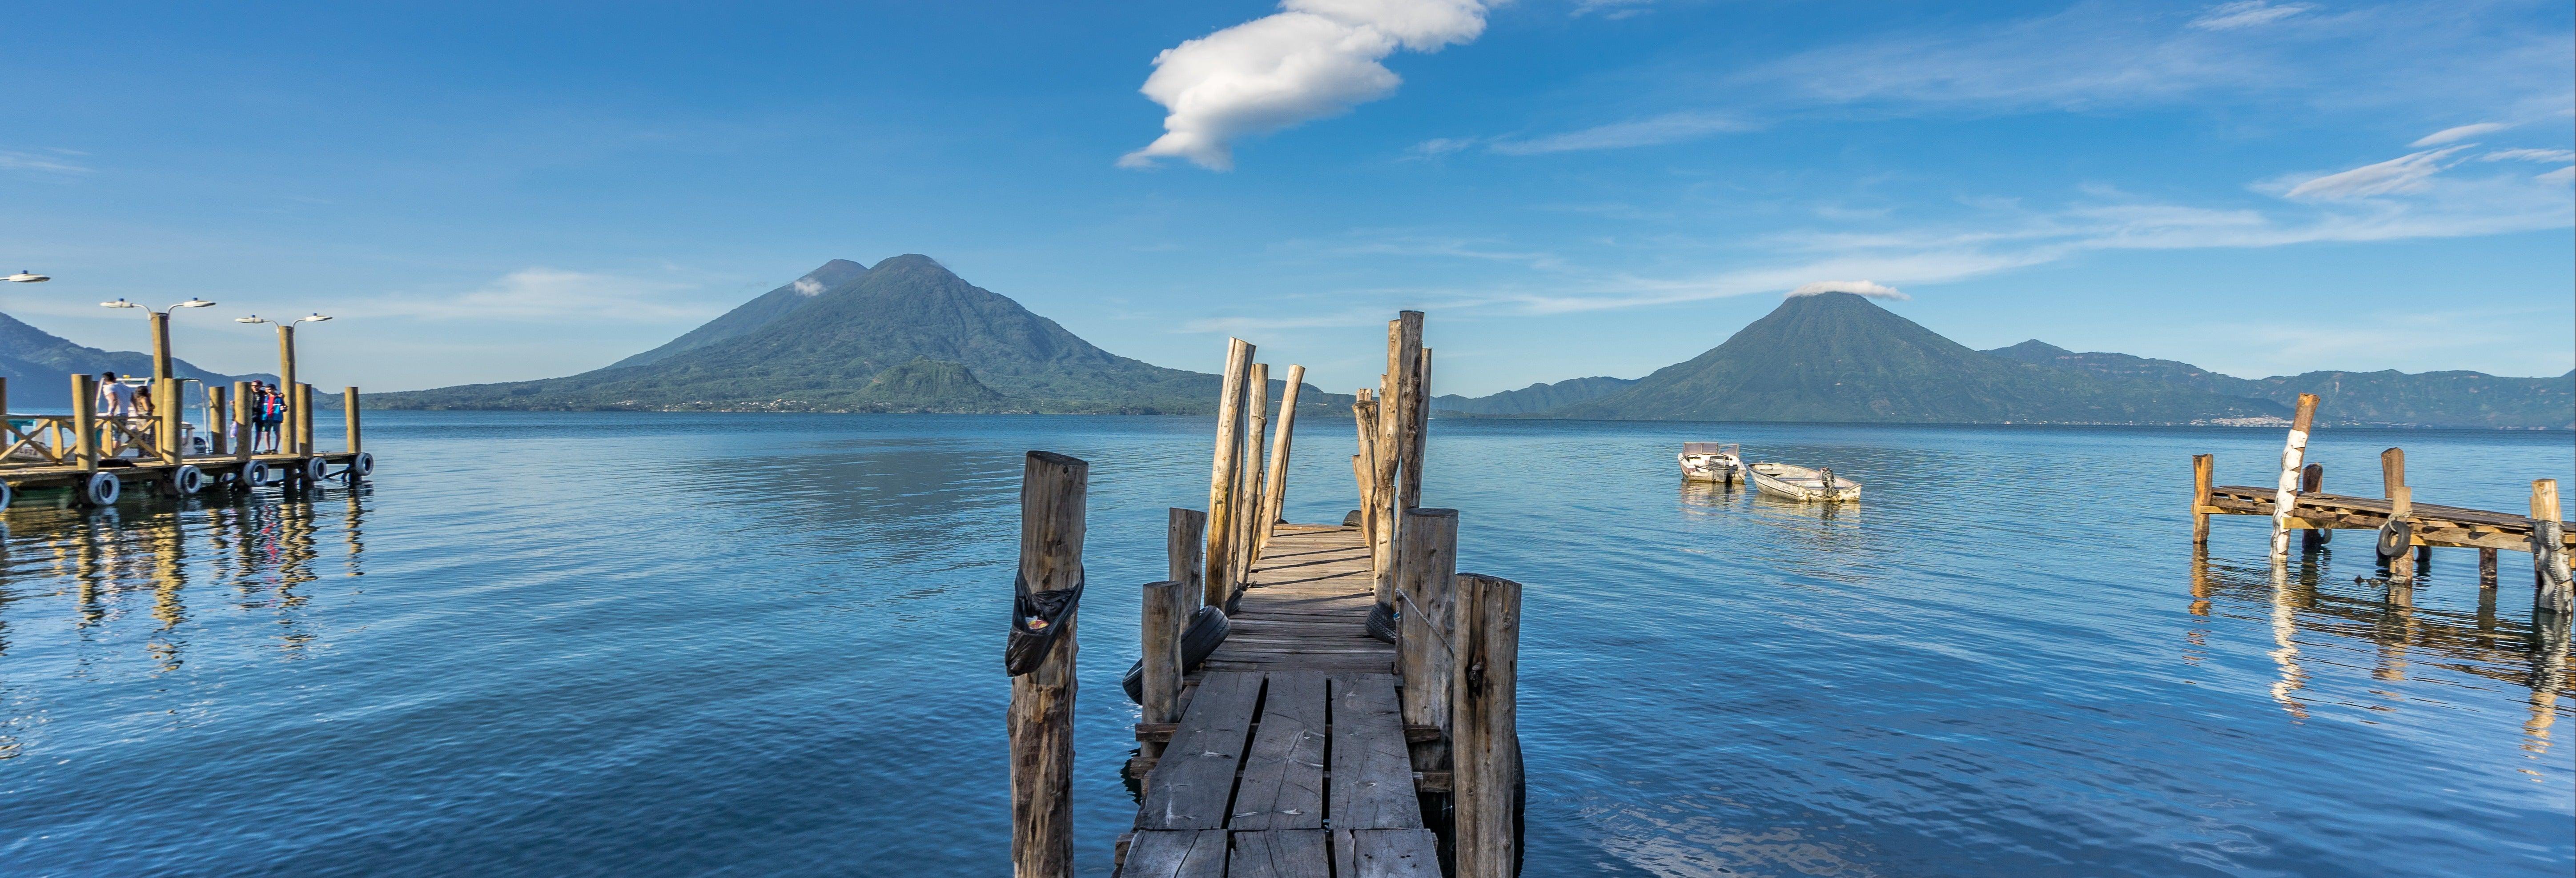 Tour de 2 dias pelo Lago Atitlán e Chichicastenango